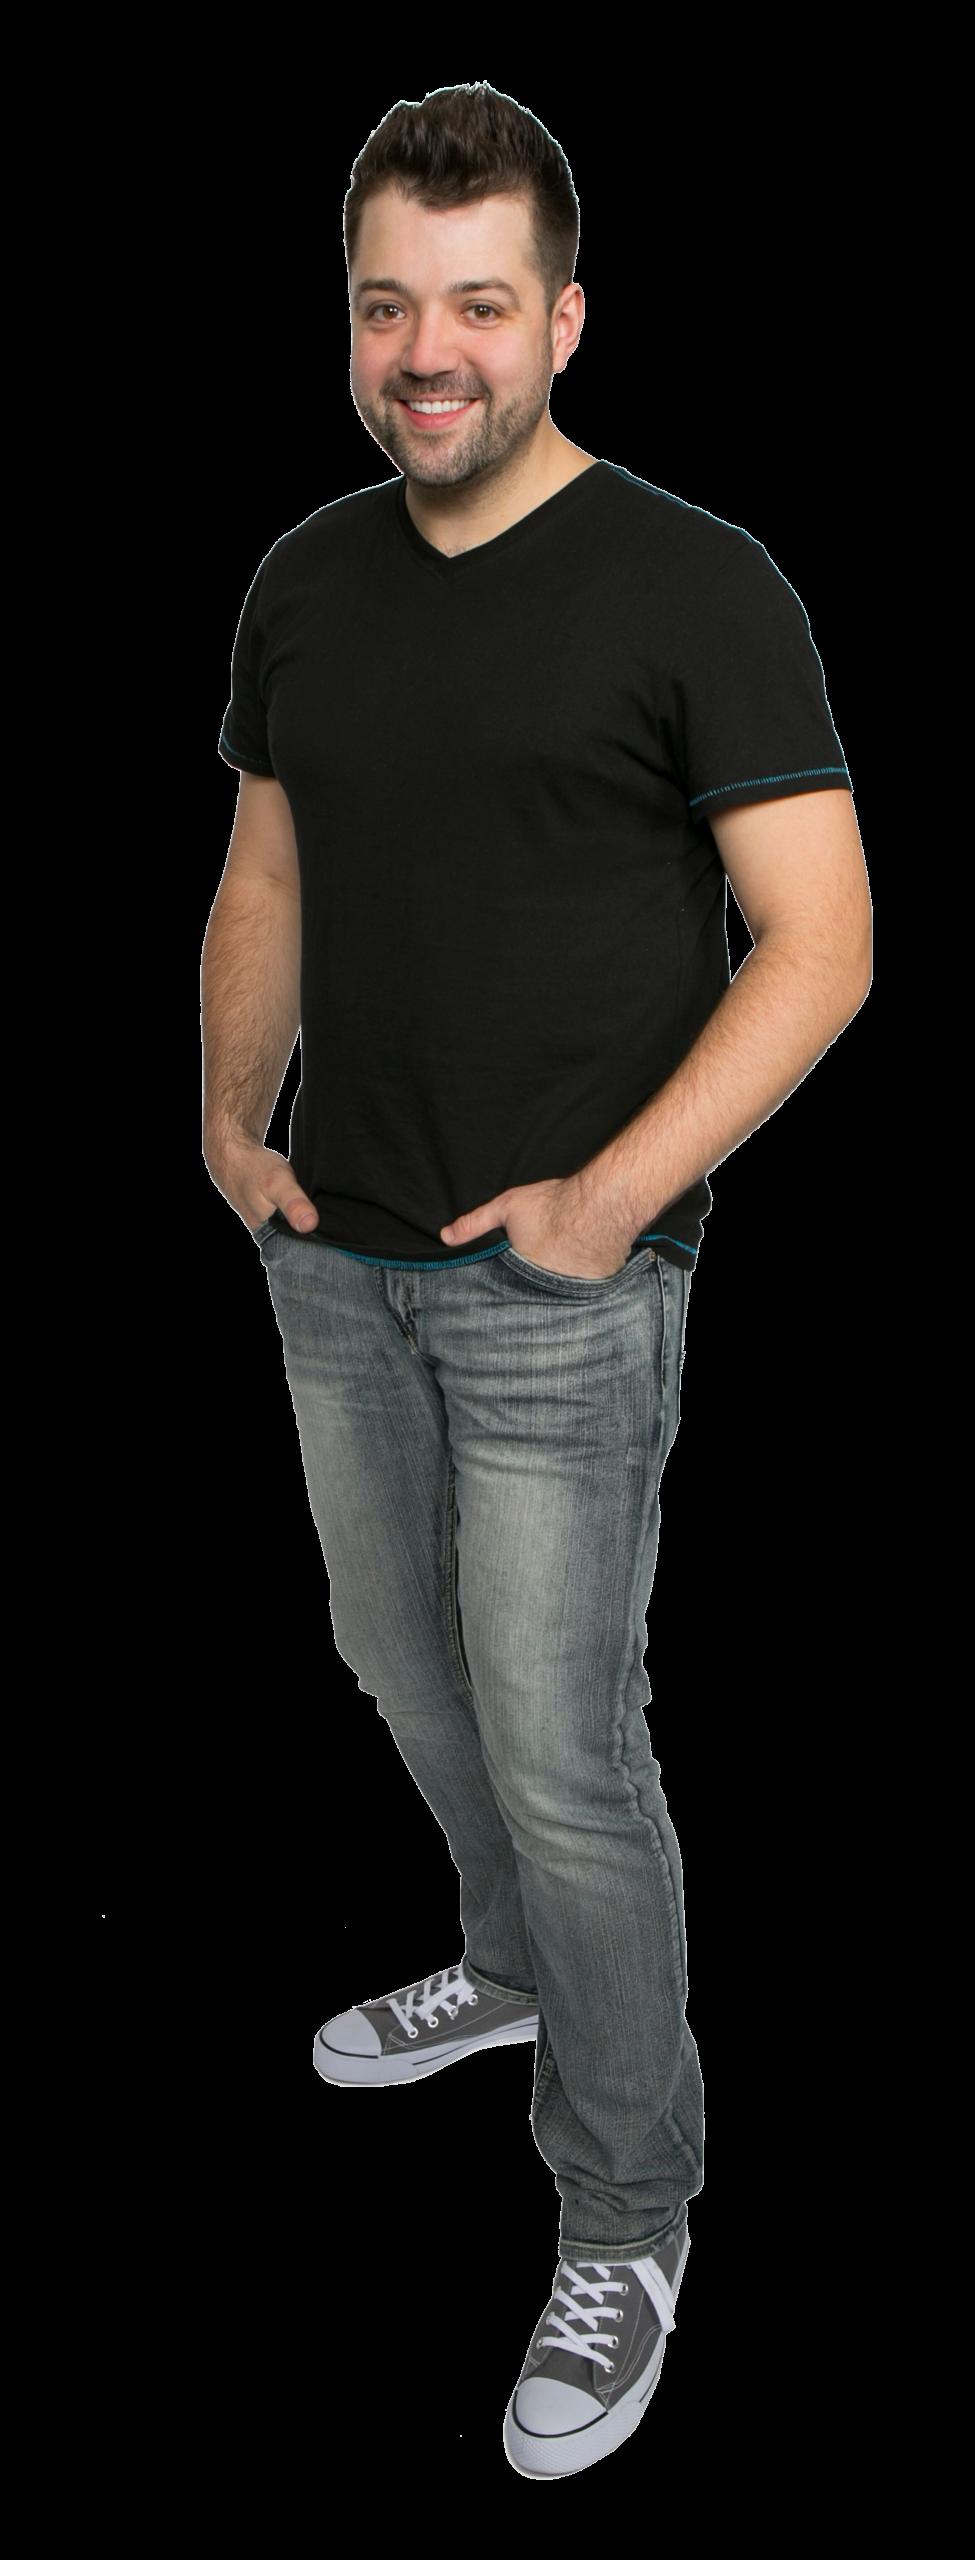 Jay Stone